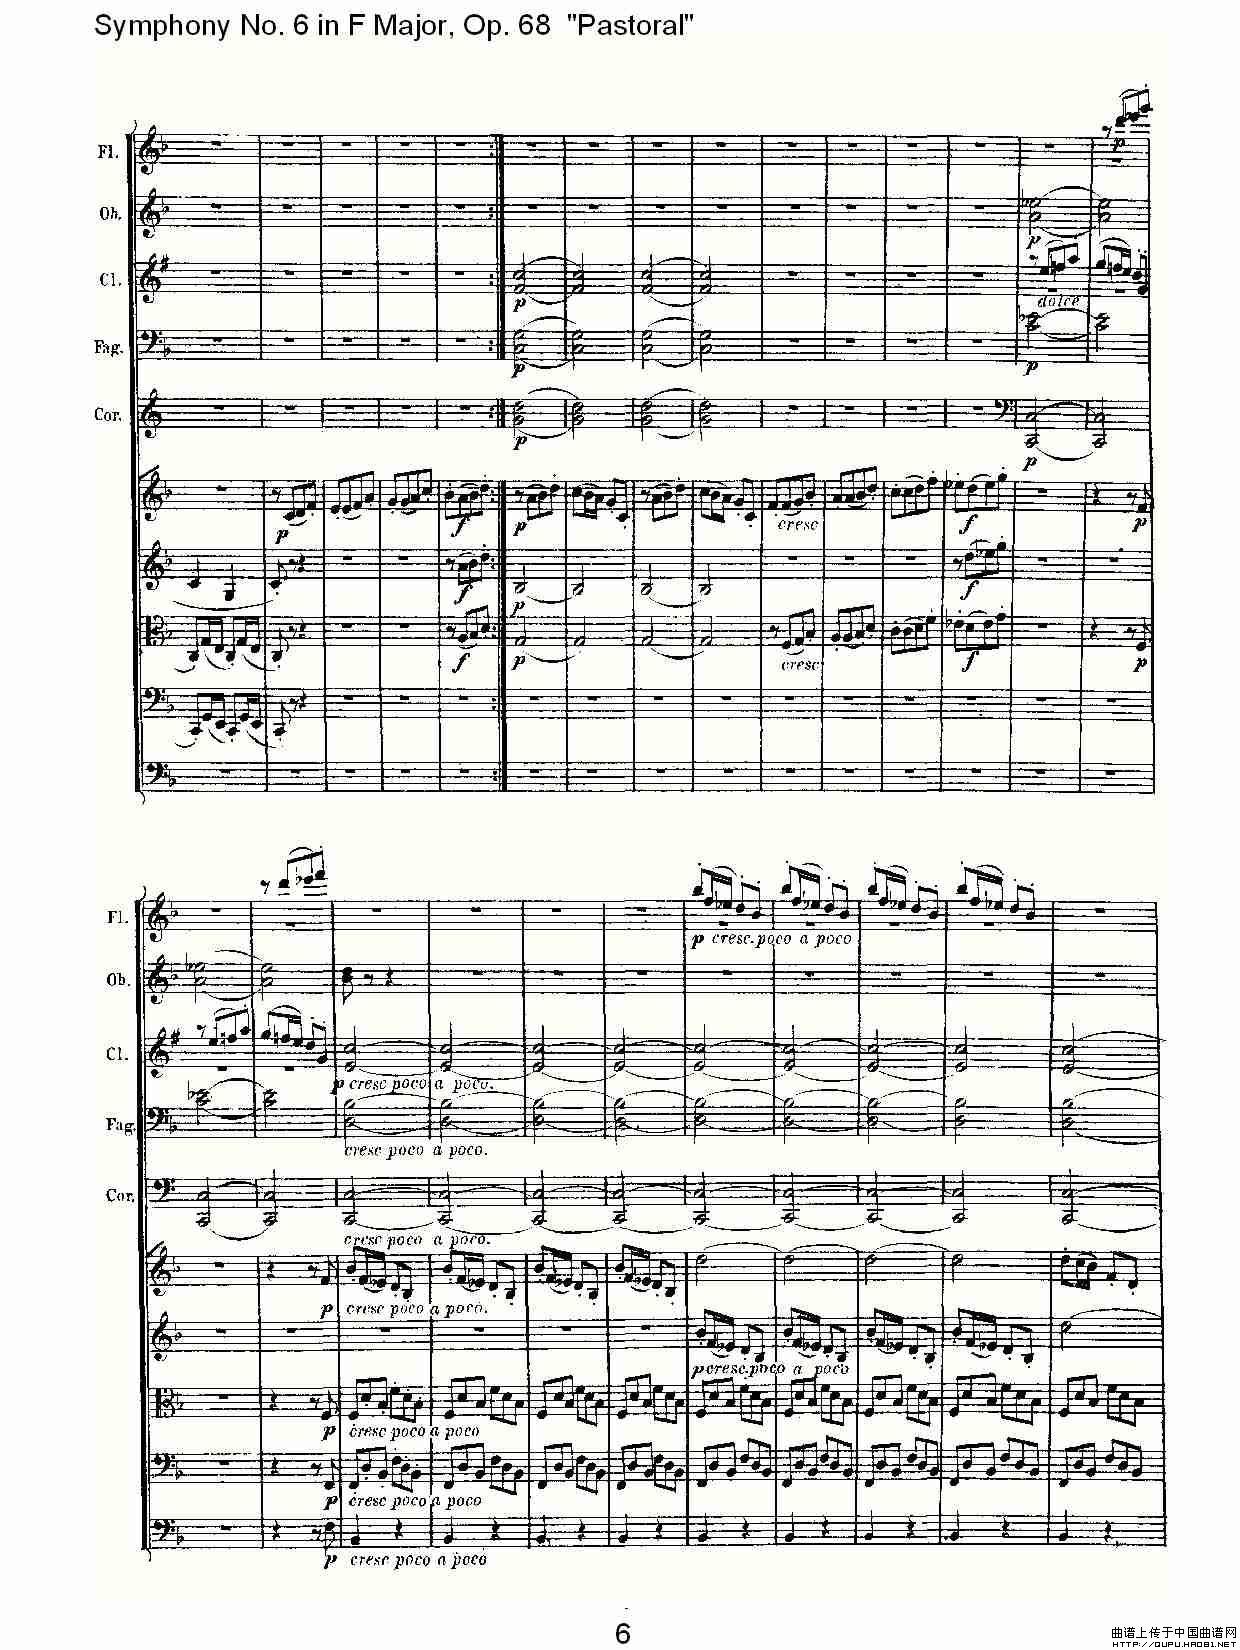 但是不管是那个,萨克斯无法同时吹两个音,移调是没问题的,就是萨克斯图片